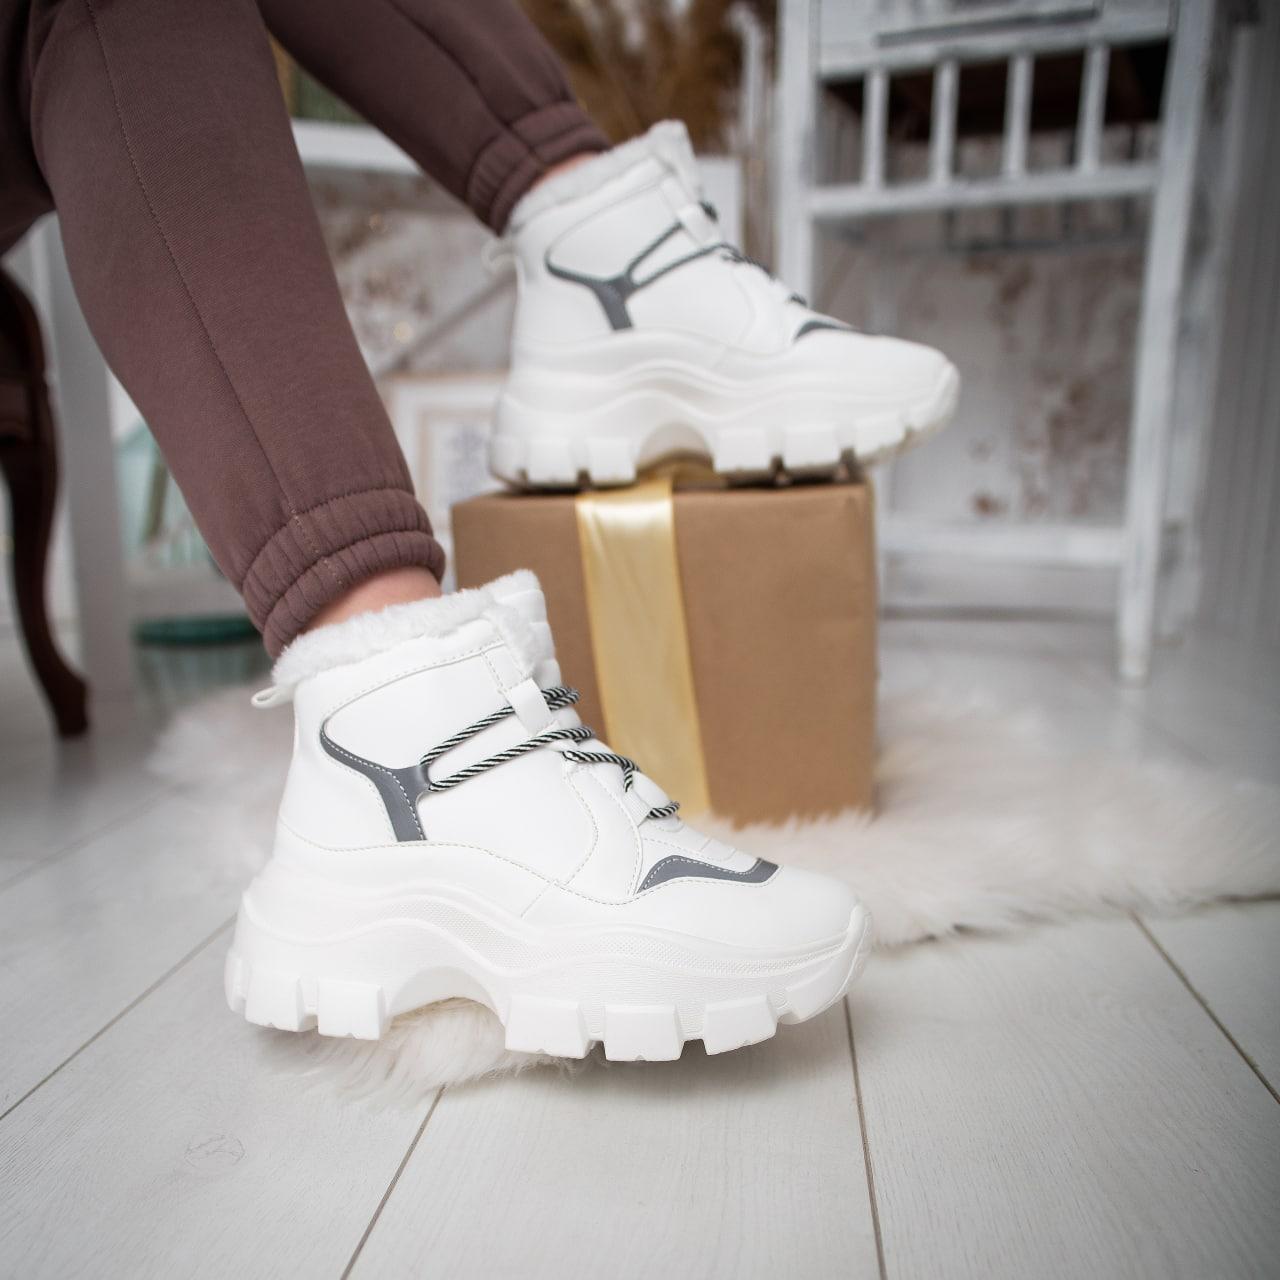 Жіночі зимові черевики Стіллі Елайз Pobedov (білі)